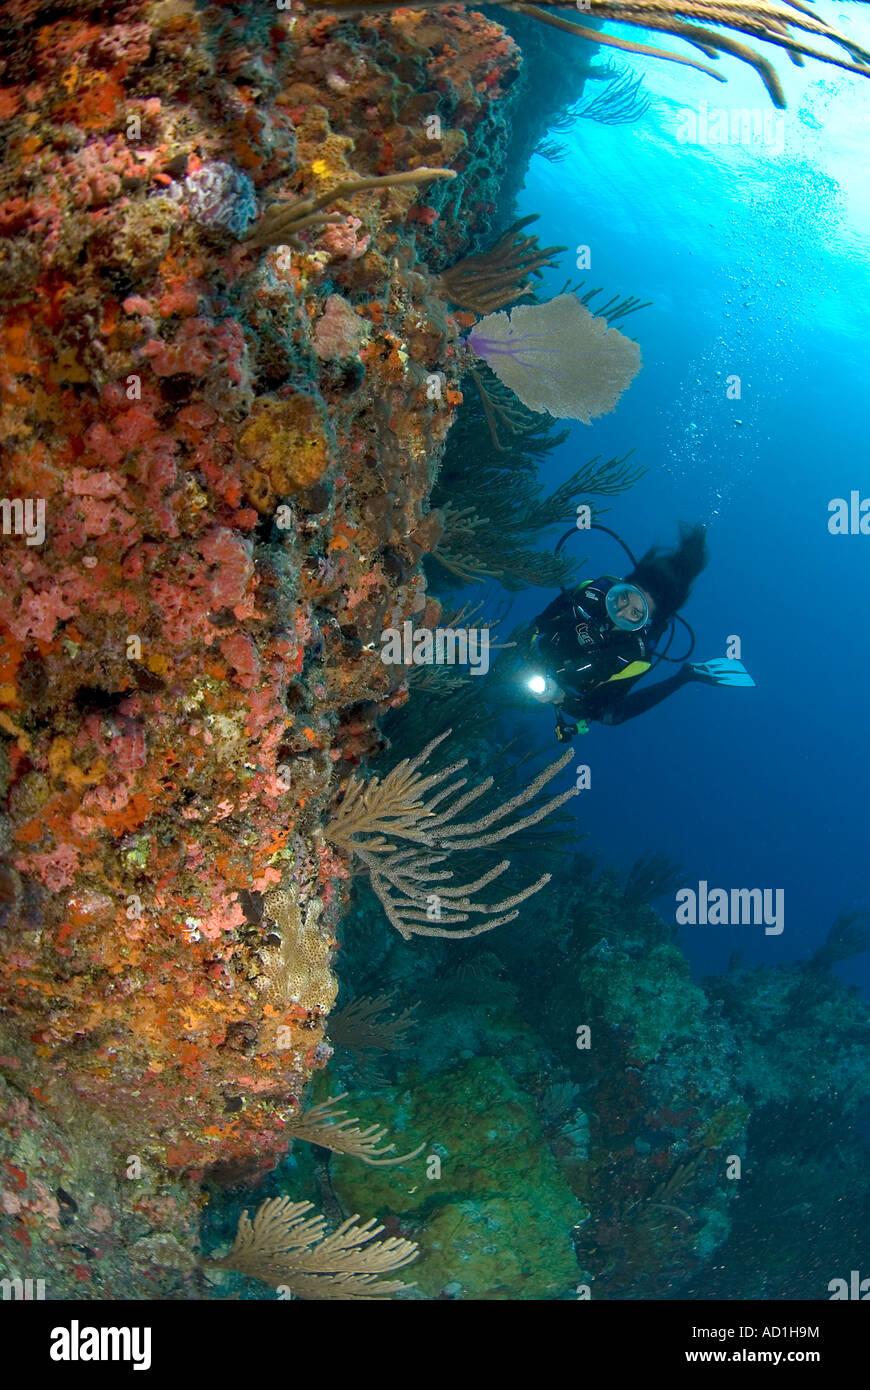 Diver In British Virgin Islands, Female Diver, Oval Mask